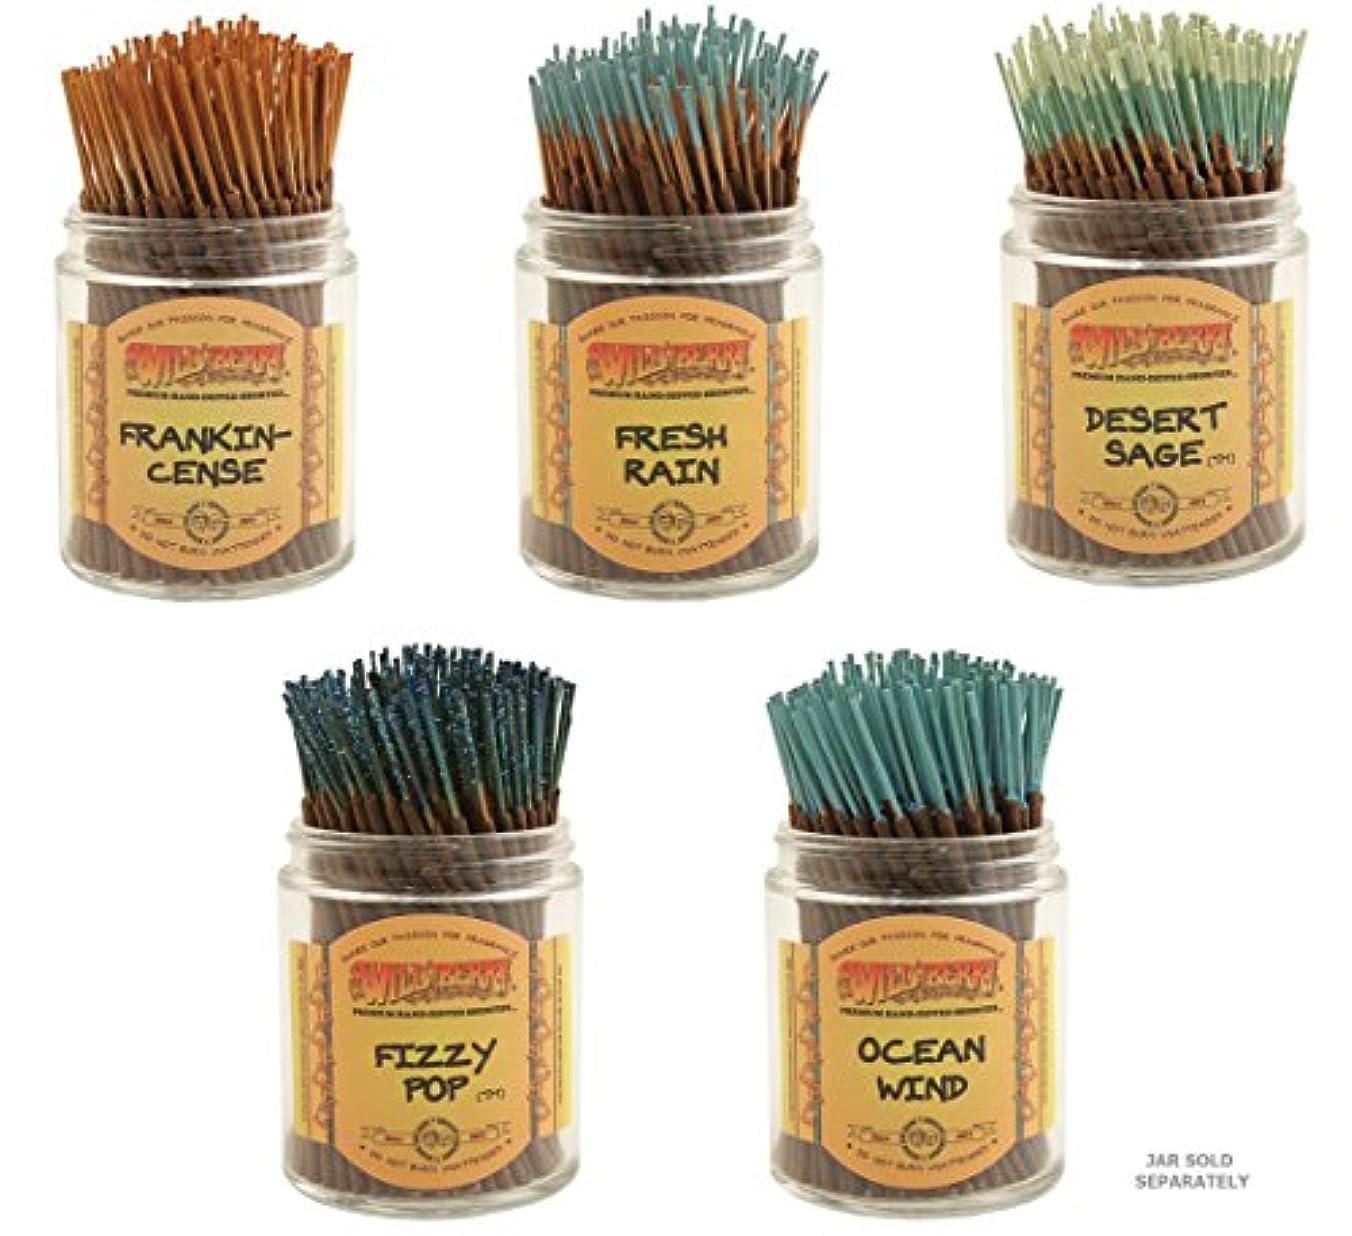 検索エンジンマーケティング時代精巧なWildberry Short Incense Sticks – Set of 5秋Fragrances – 砂漠セージ、Fizzy Pop , Frankincenseフレッシュ、雨、海洋風( 100各パック、合計500...